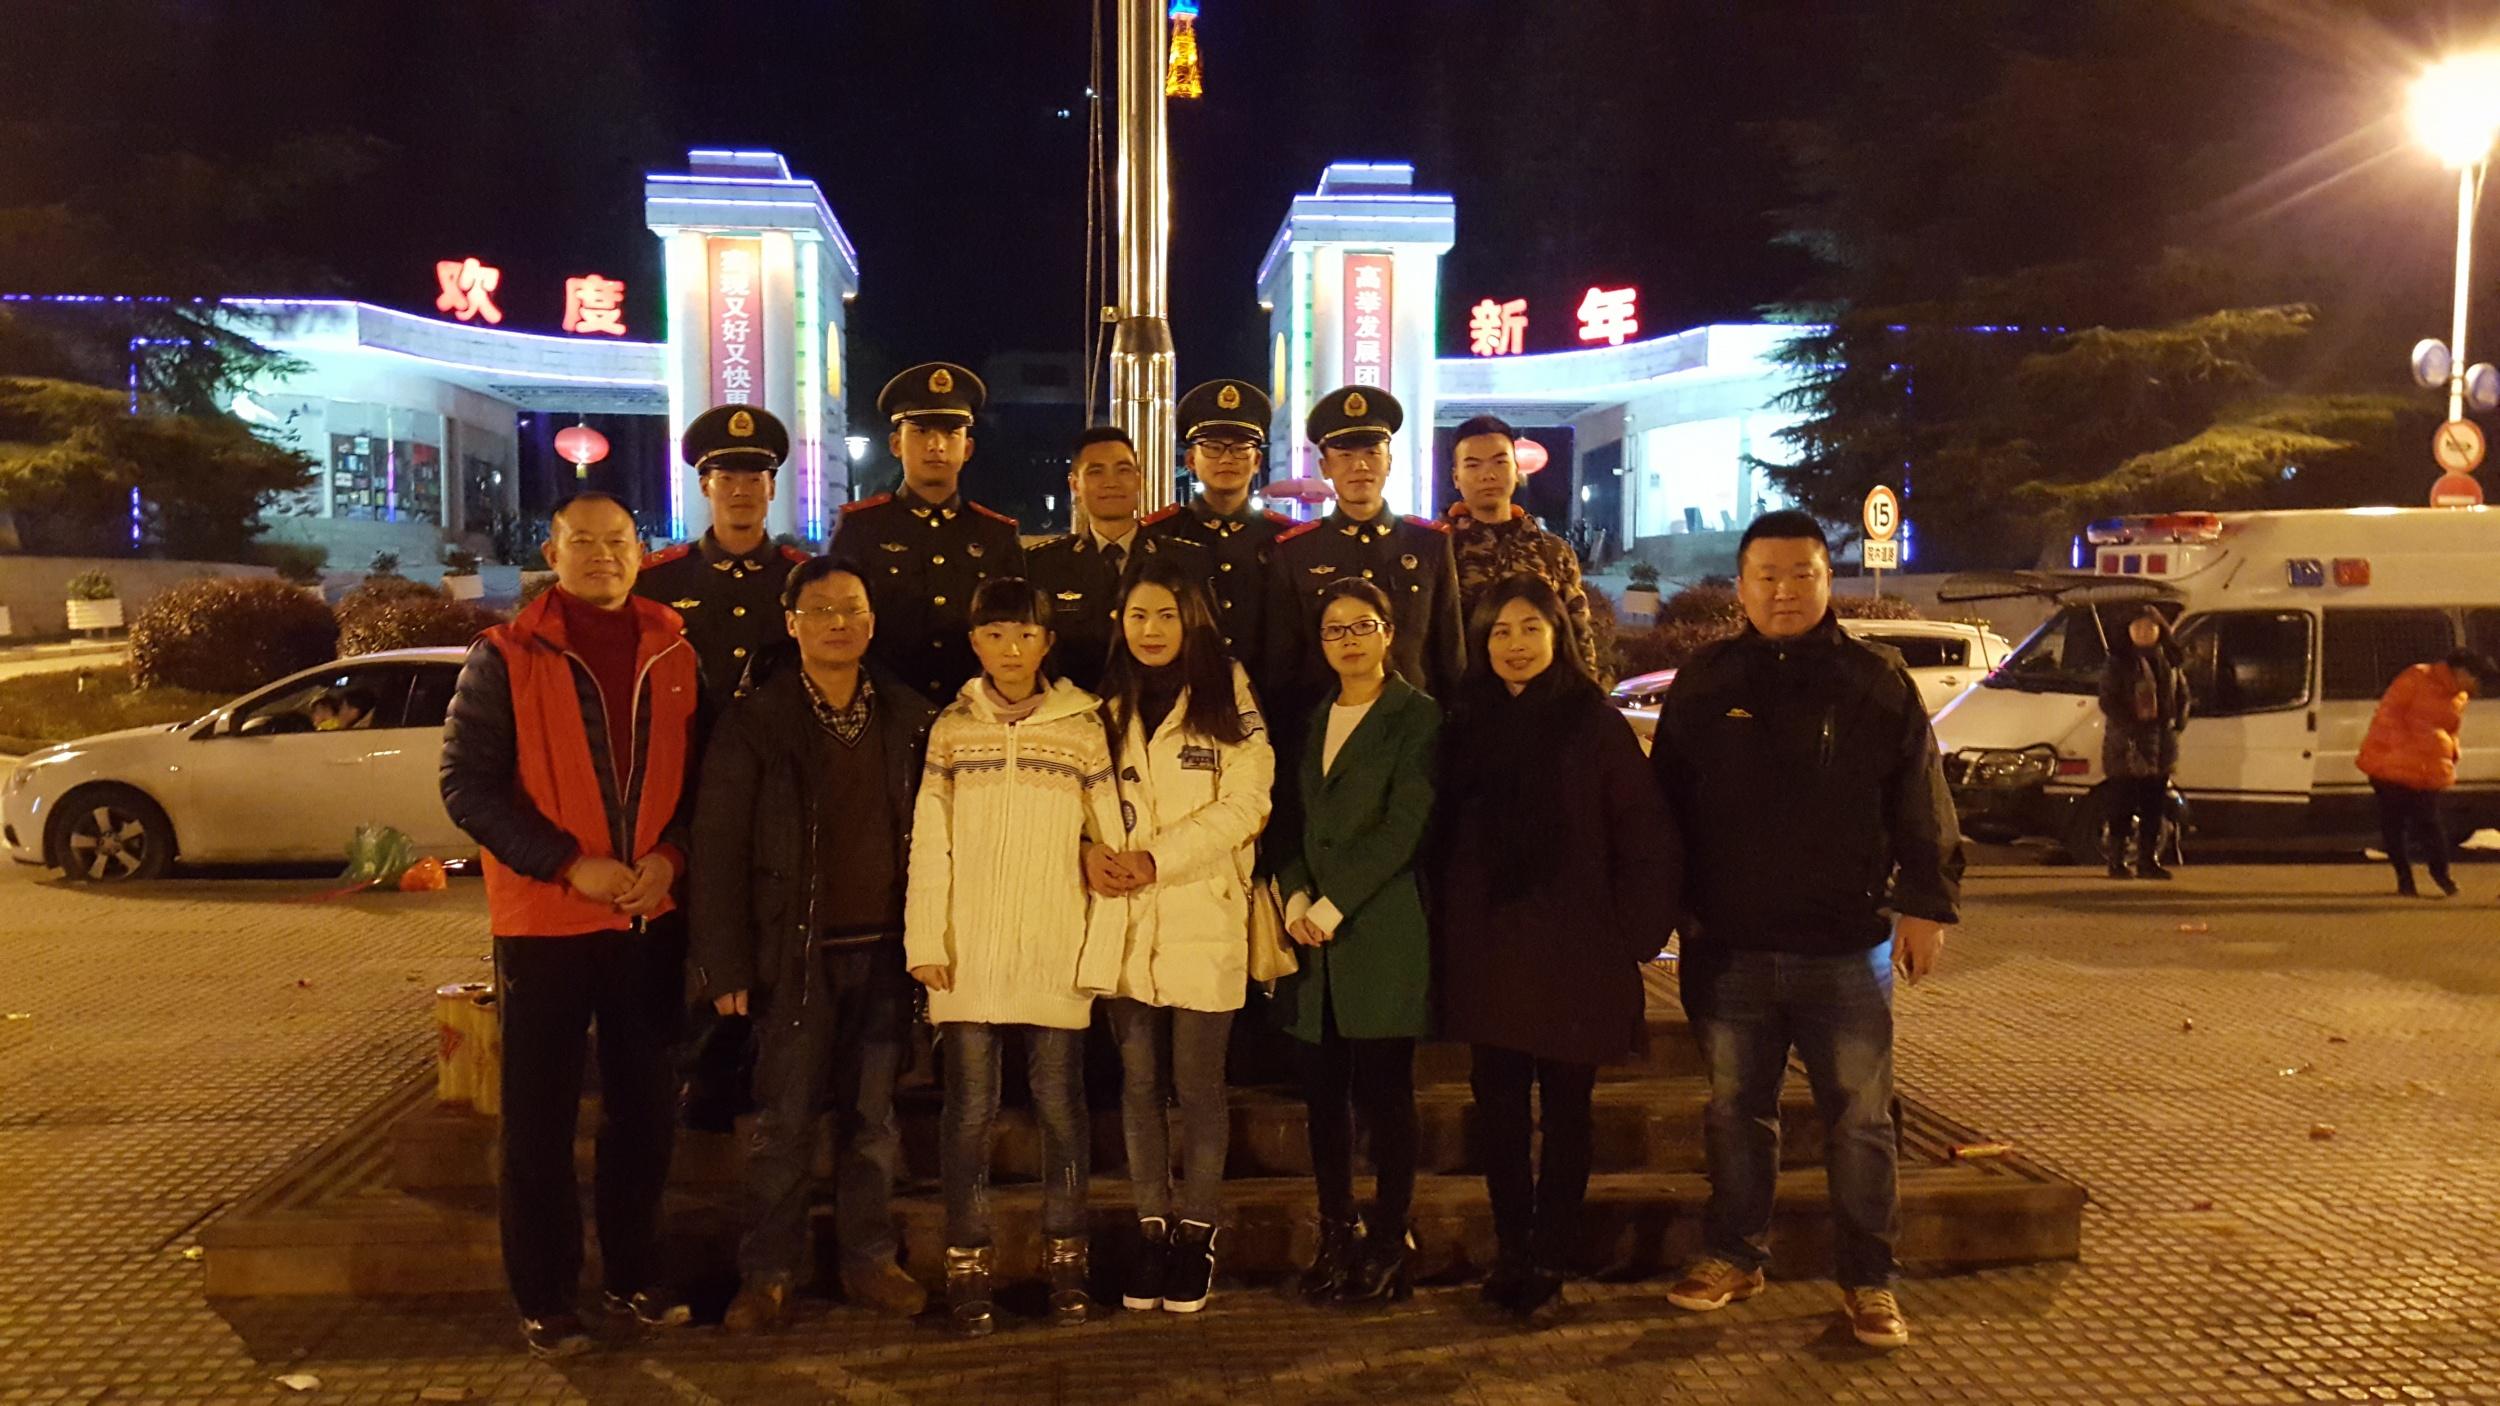 爱在安顺—除夕与武警、爱心商家、实验老师和我的学生为困难群体送温暖(陈发琳 市爱心义工社)